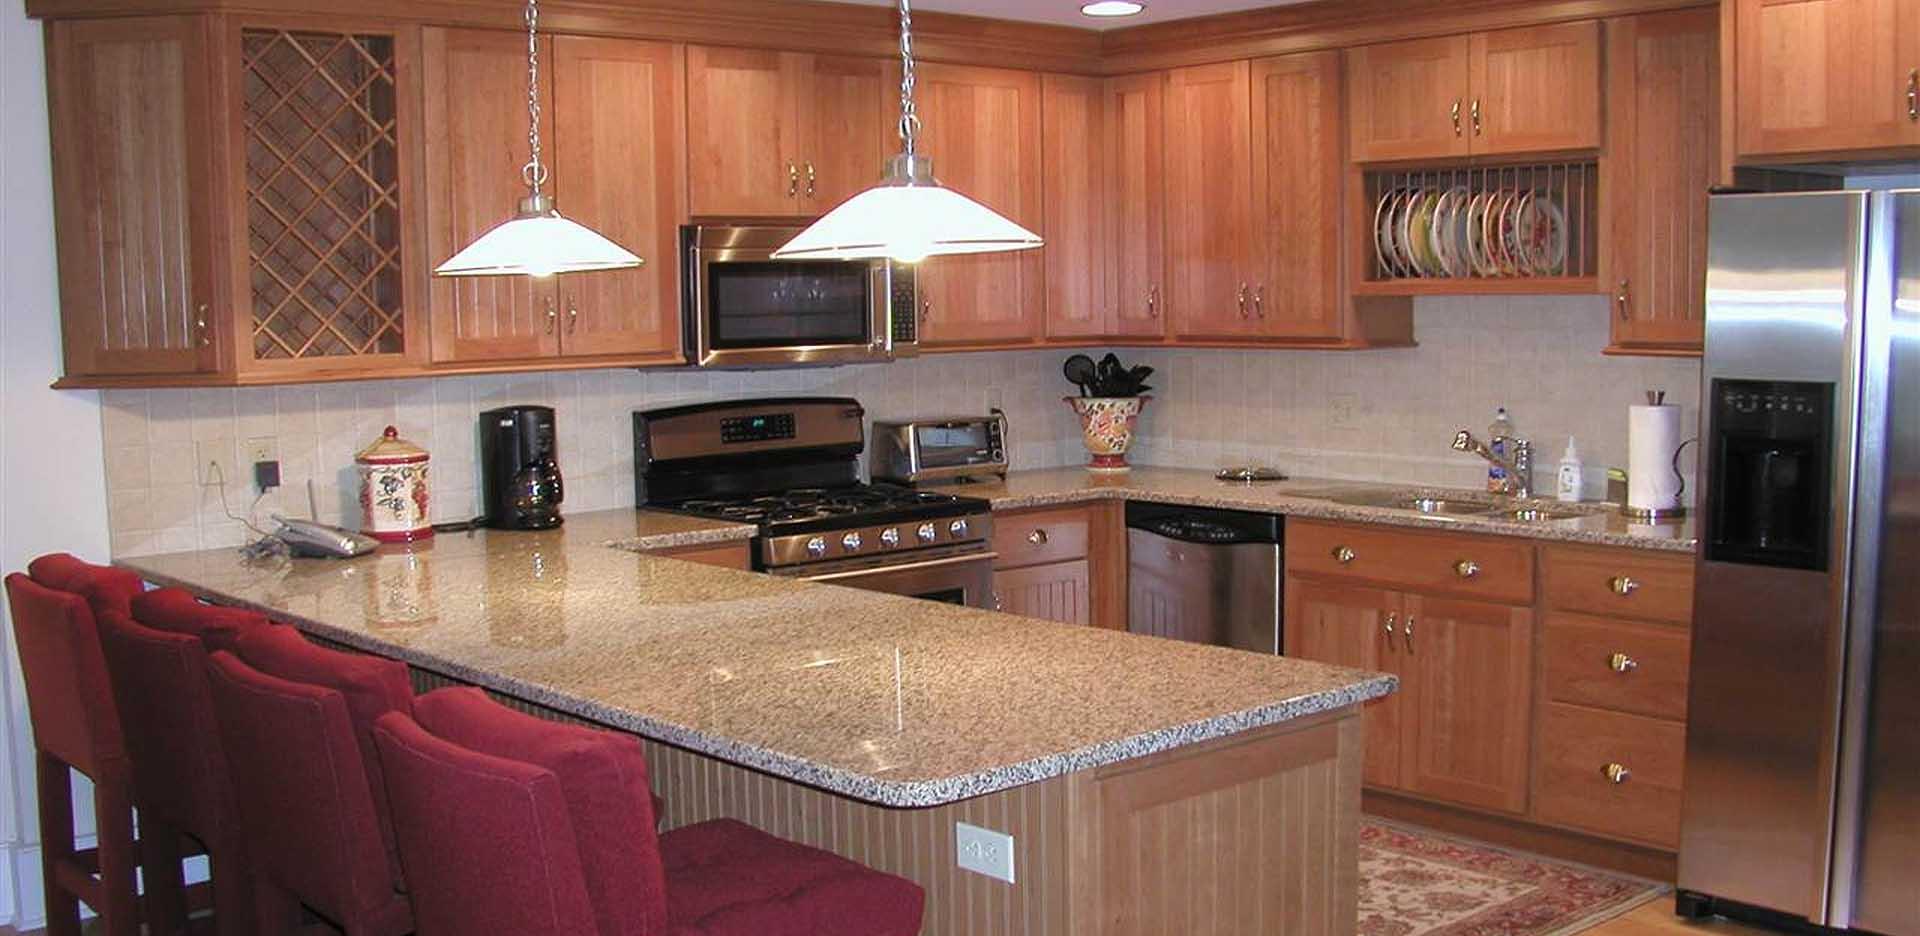 wildwood nj rentals and wildwood real estate presented by chris